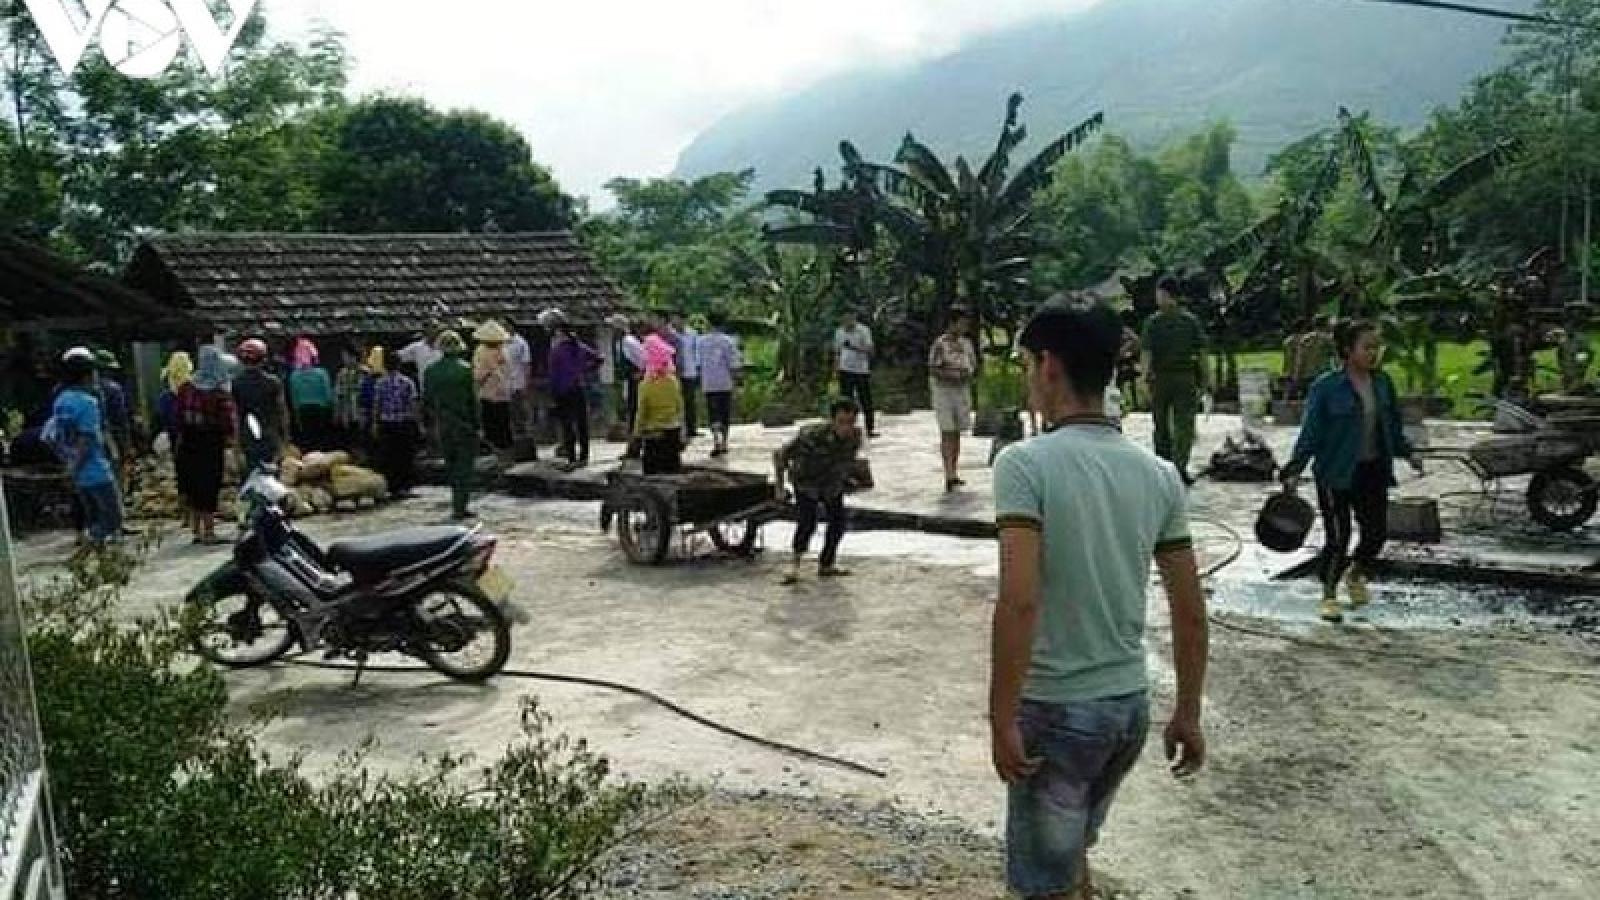 Sau vụ cháy nhà, phát hiện xác chết dưới ao ở Yên Bái